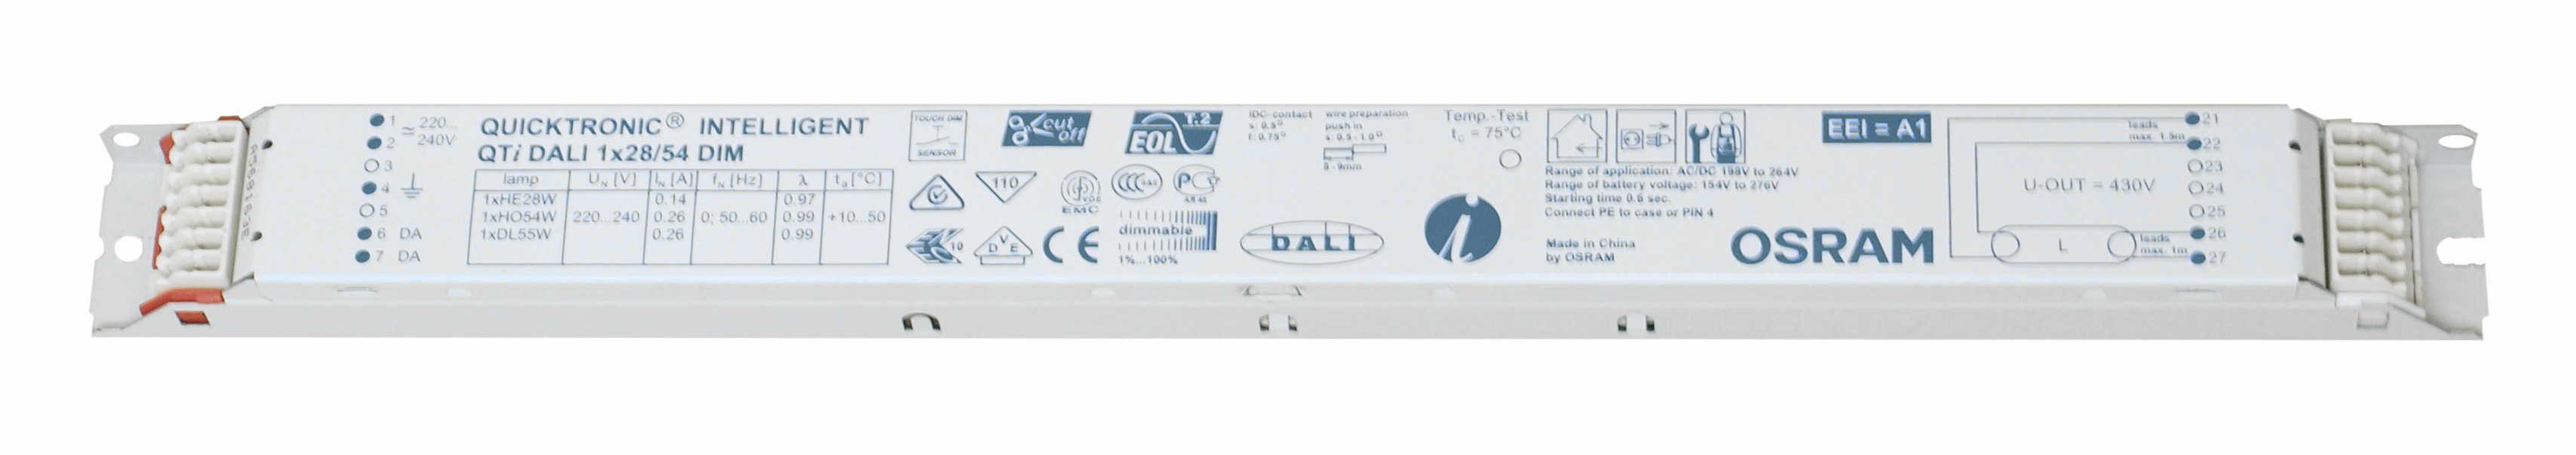 1 Stk EVG QTIDALI 2x58/220-240 für T8 dimmbar DALI LI5Z870847